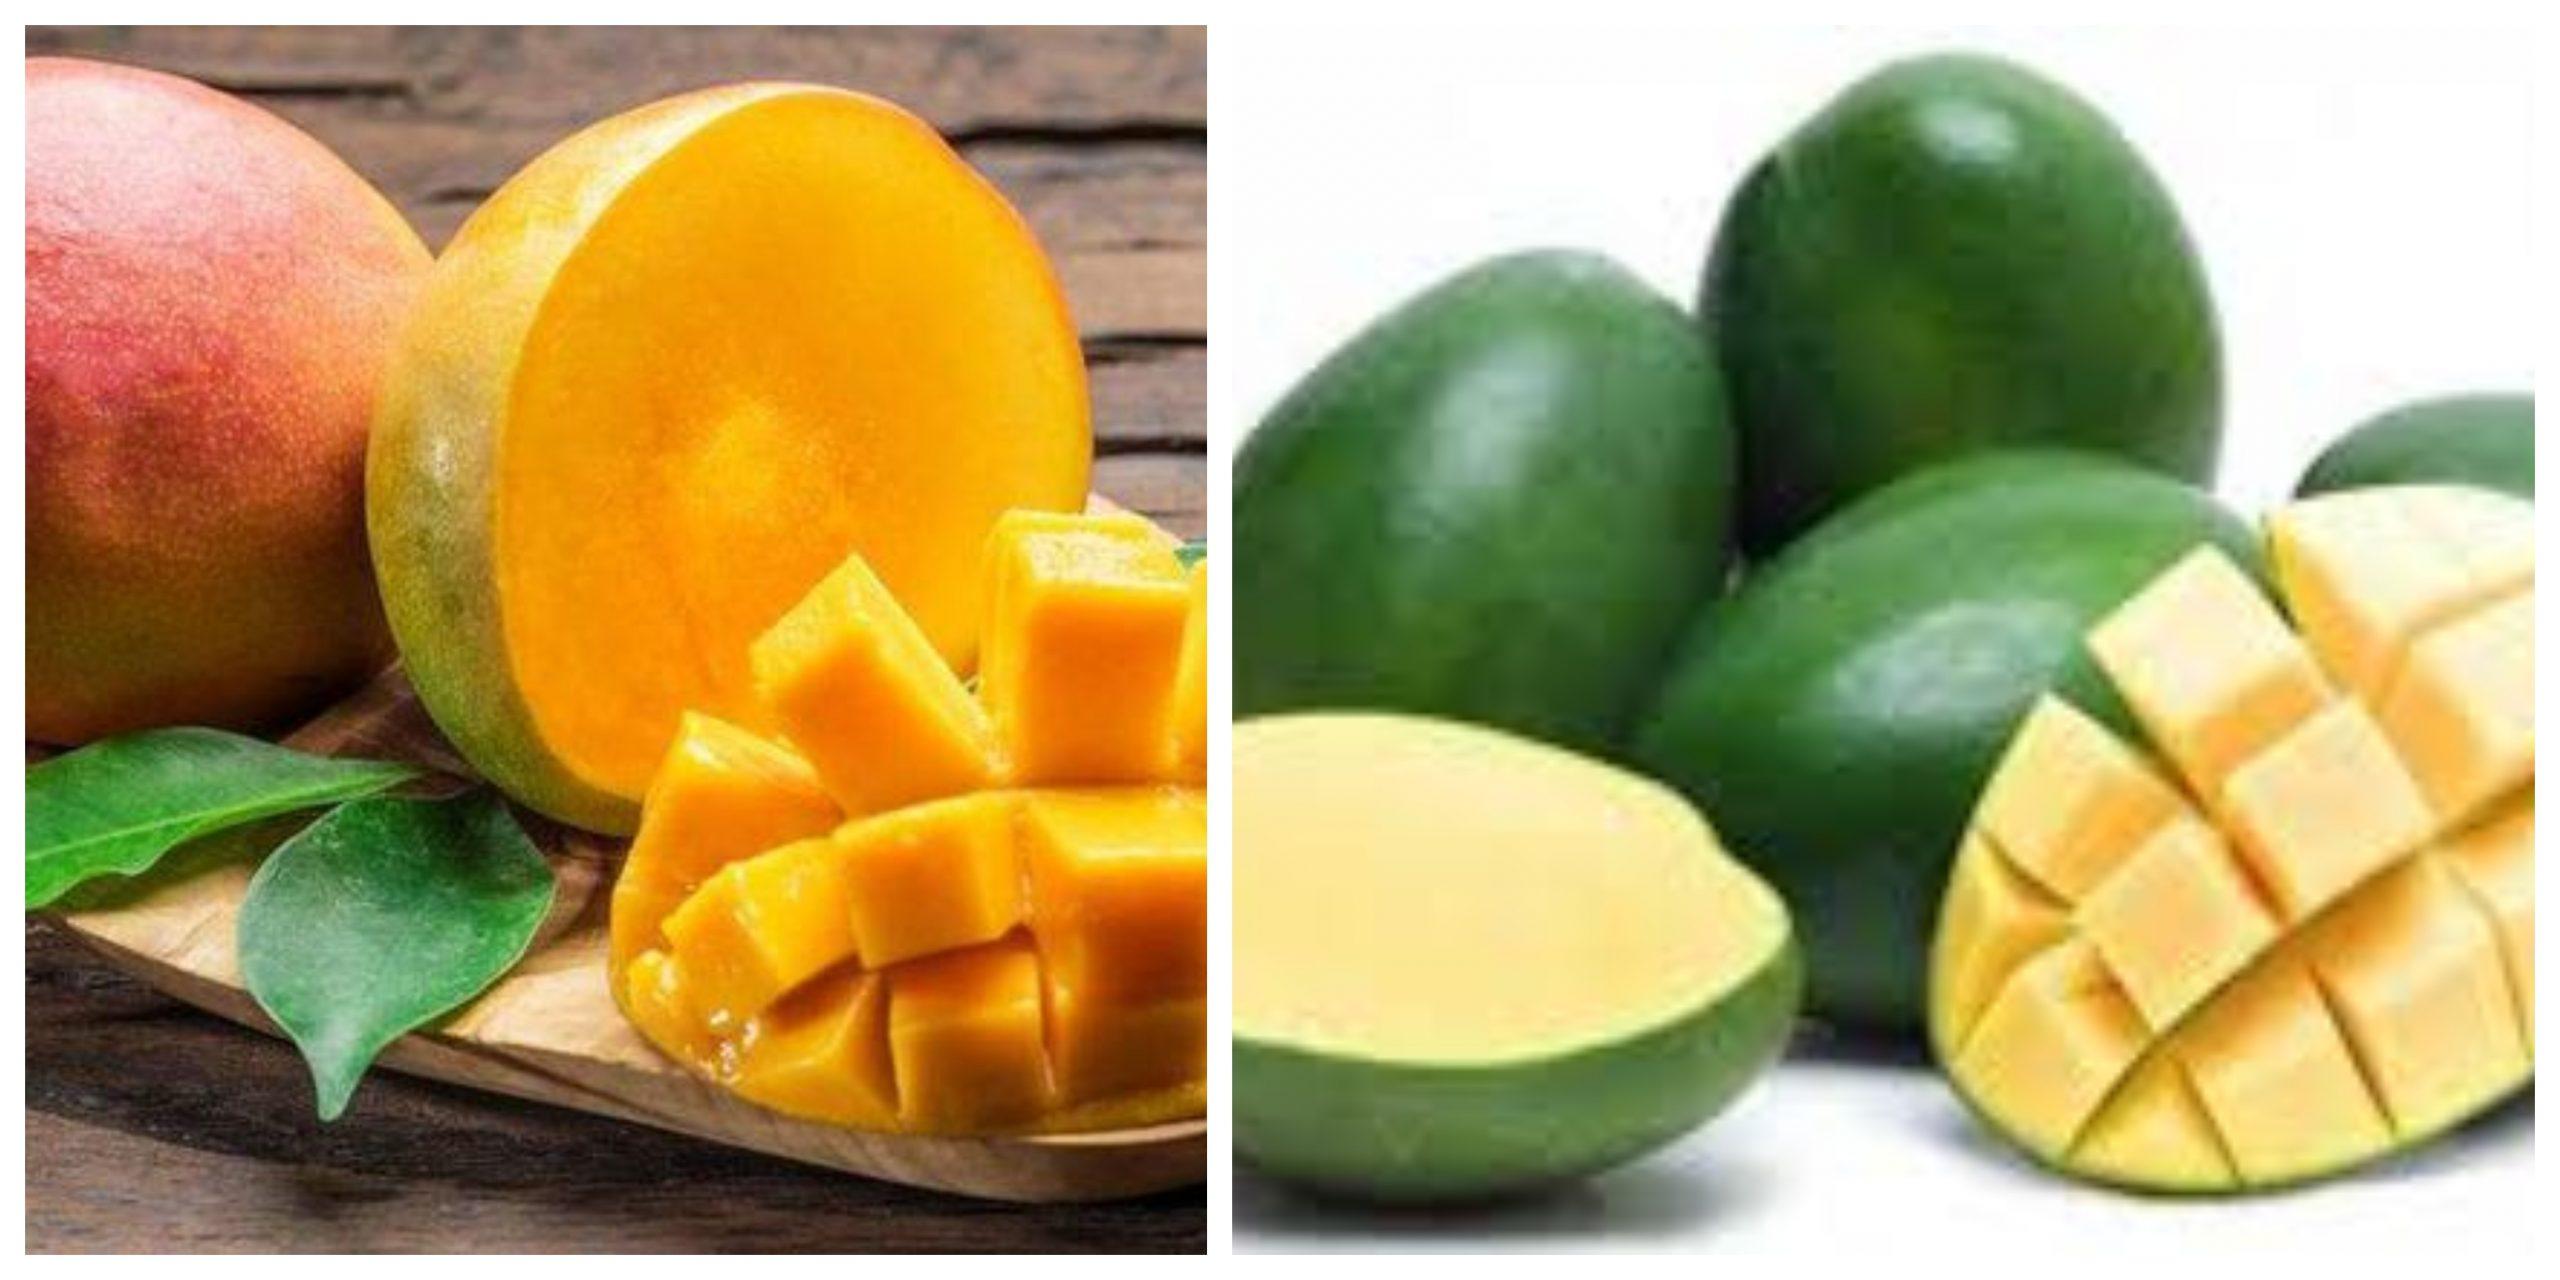 الفوائد الصحية لتناول المانجو الأخضر والطريقة المثالية لأكله